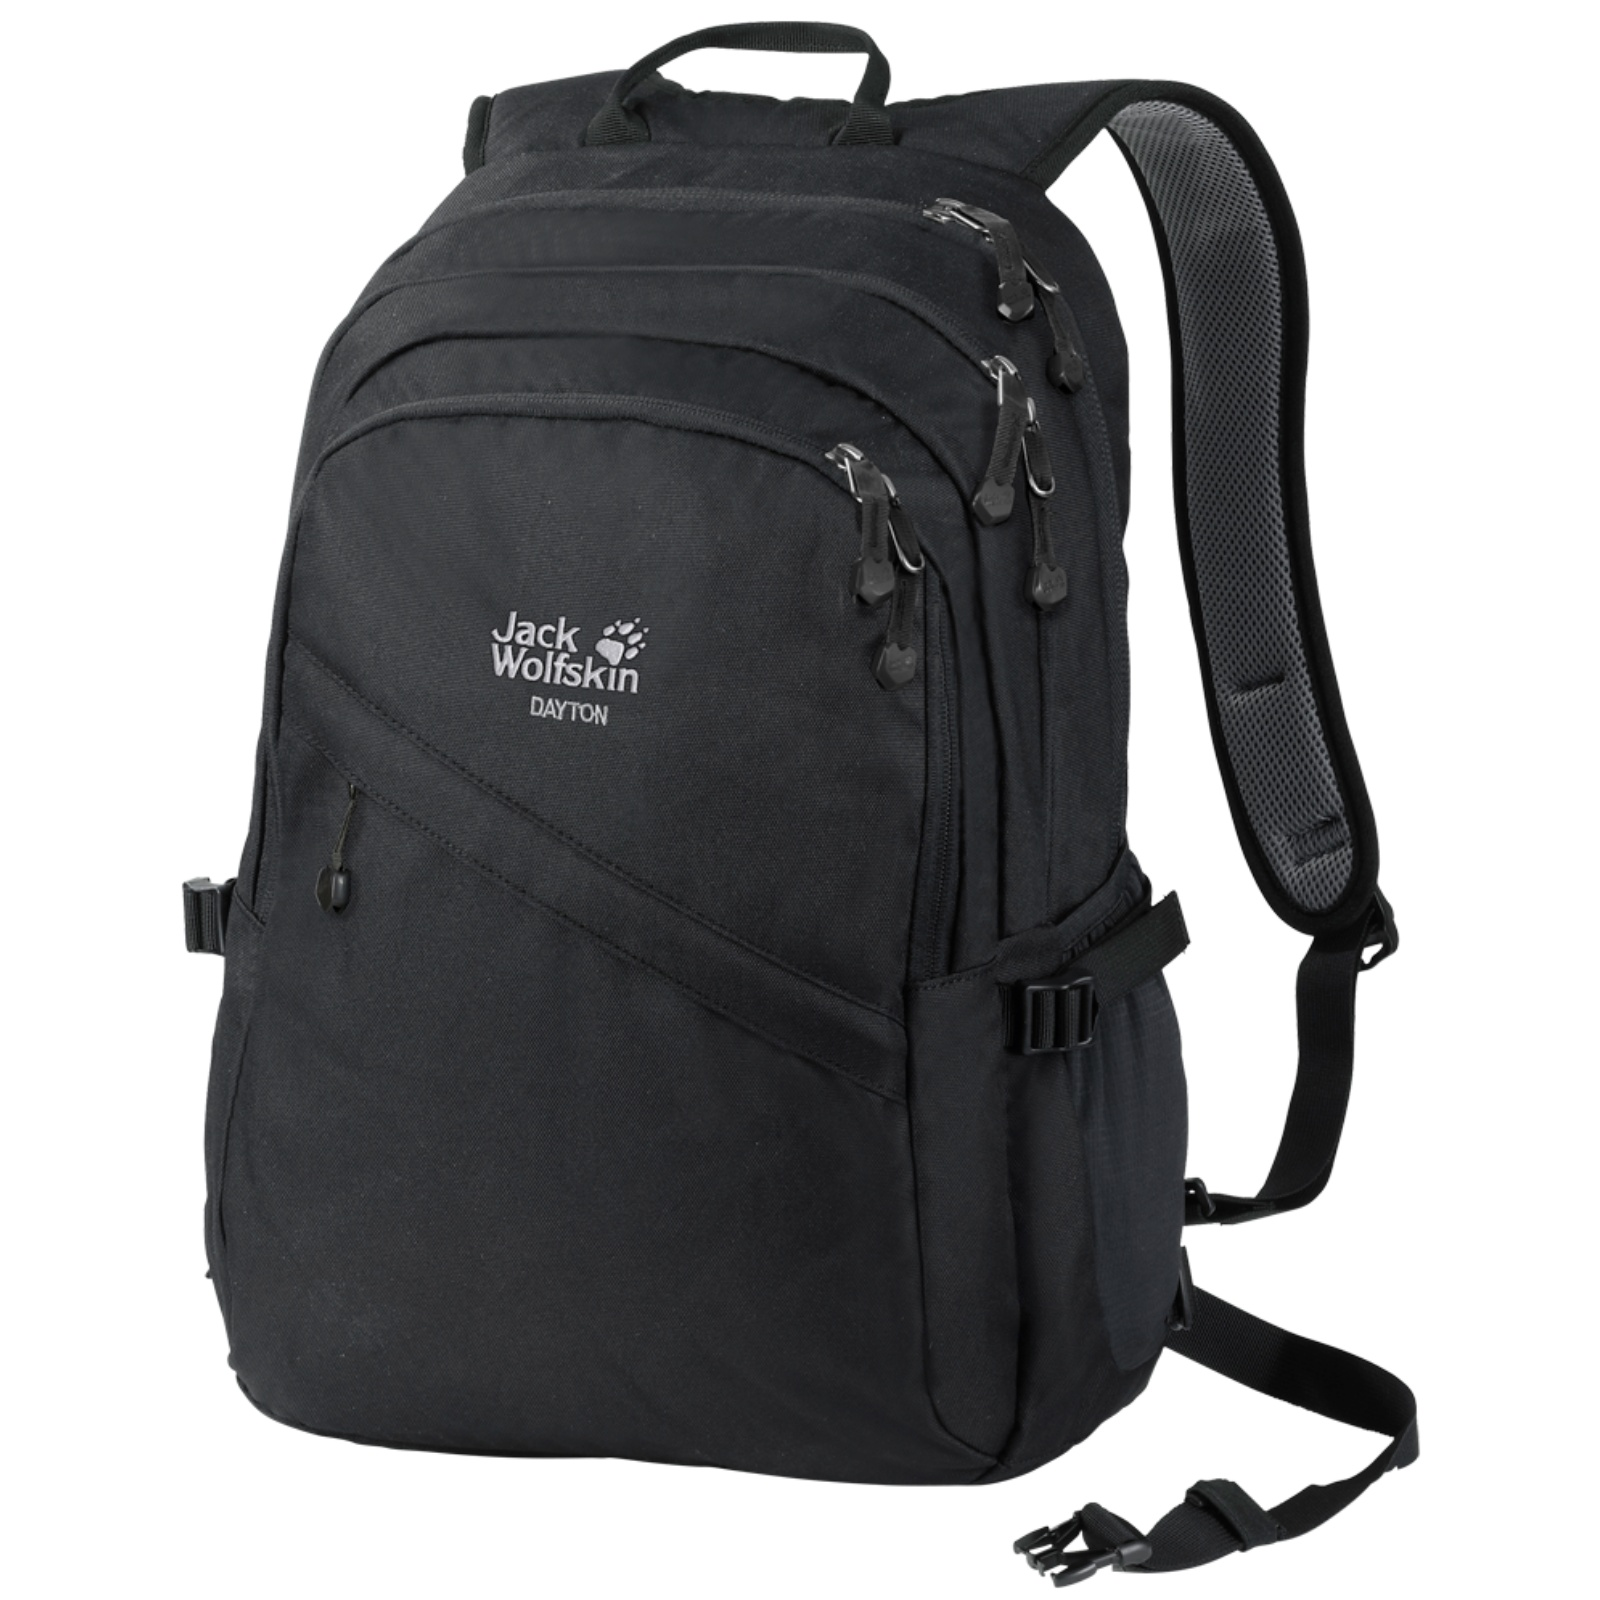 Městský batoh JACK WOLFSKIN Dayton 28 l -černý